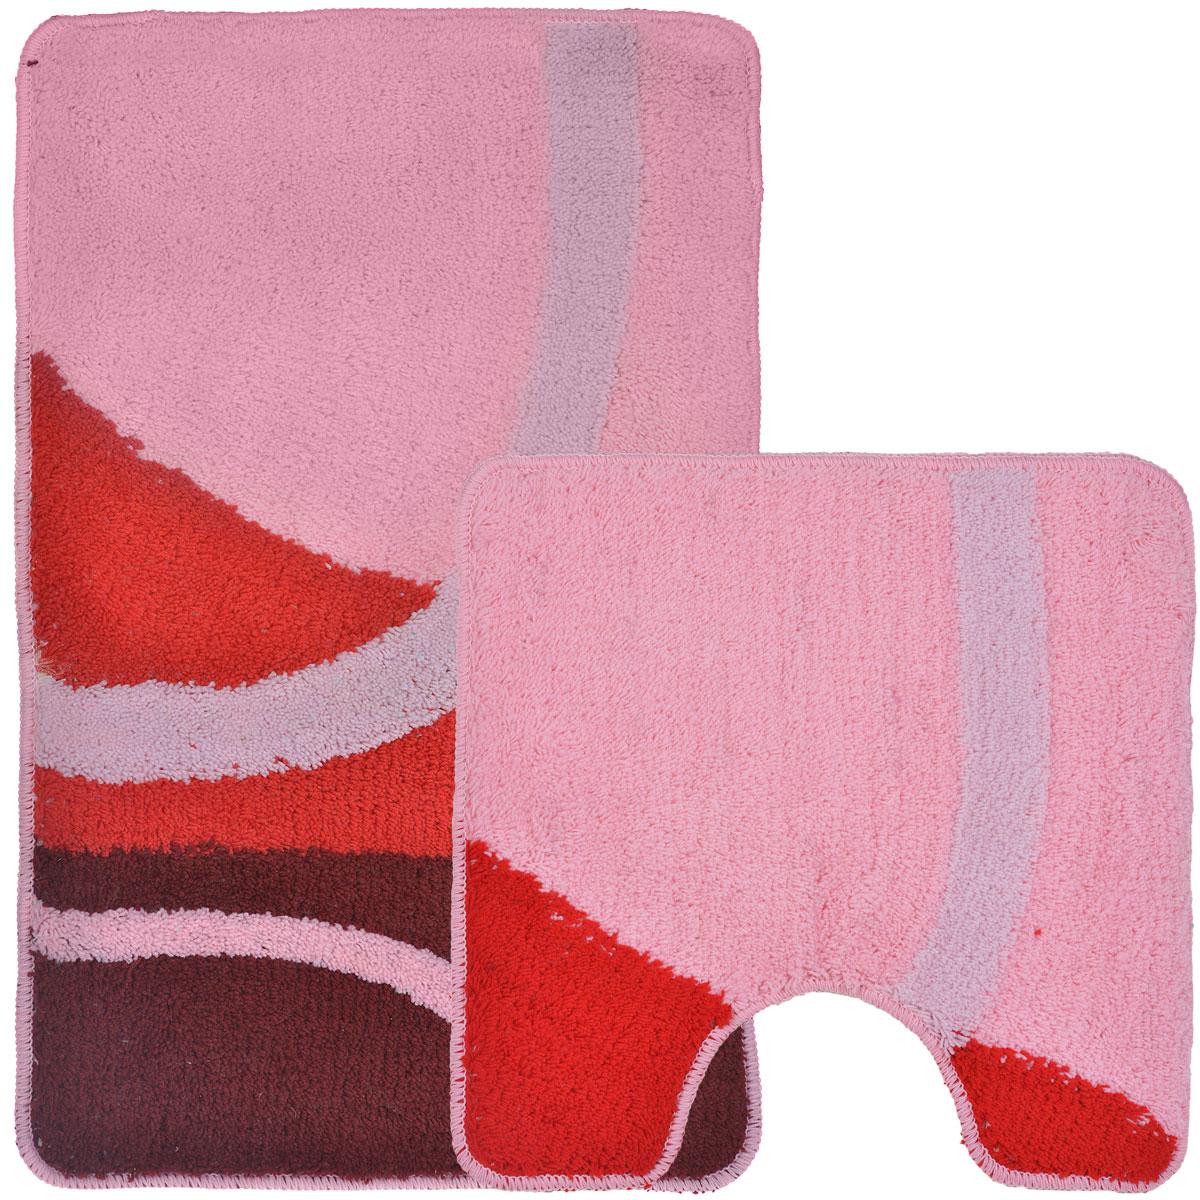 Комплект ковриков для ванной и туалета Fresh Code, цвет: розовый, красный, 2 предмета531-105Комплект Fresh Code состоит из коврика для ванной комнаты и туалета. Коврики изготовлены из акрила и оформлены узором. Это экологически чистый, быстросохнущий, мягкий и износостойкий материал. Красители устойчивы, поэтому коврики не потускнеют даже после многократных стирок в стиральной машине. Благодаря латексной основе коврики не скользят на полу. Края изделий обработаны оверлоком. Можно использовать на полу с подогревом. Набор для ванной Fresh Code подарит ощущение тепла и комфорта, а также привнесет уют в вашу ванную комнату.Высота ворса: 1 см.Размер коврика для ванной комнаты: 80 см х 50 см.Размер коврика для туалета: 50 см х 50 см.